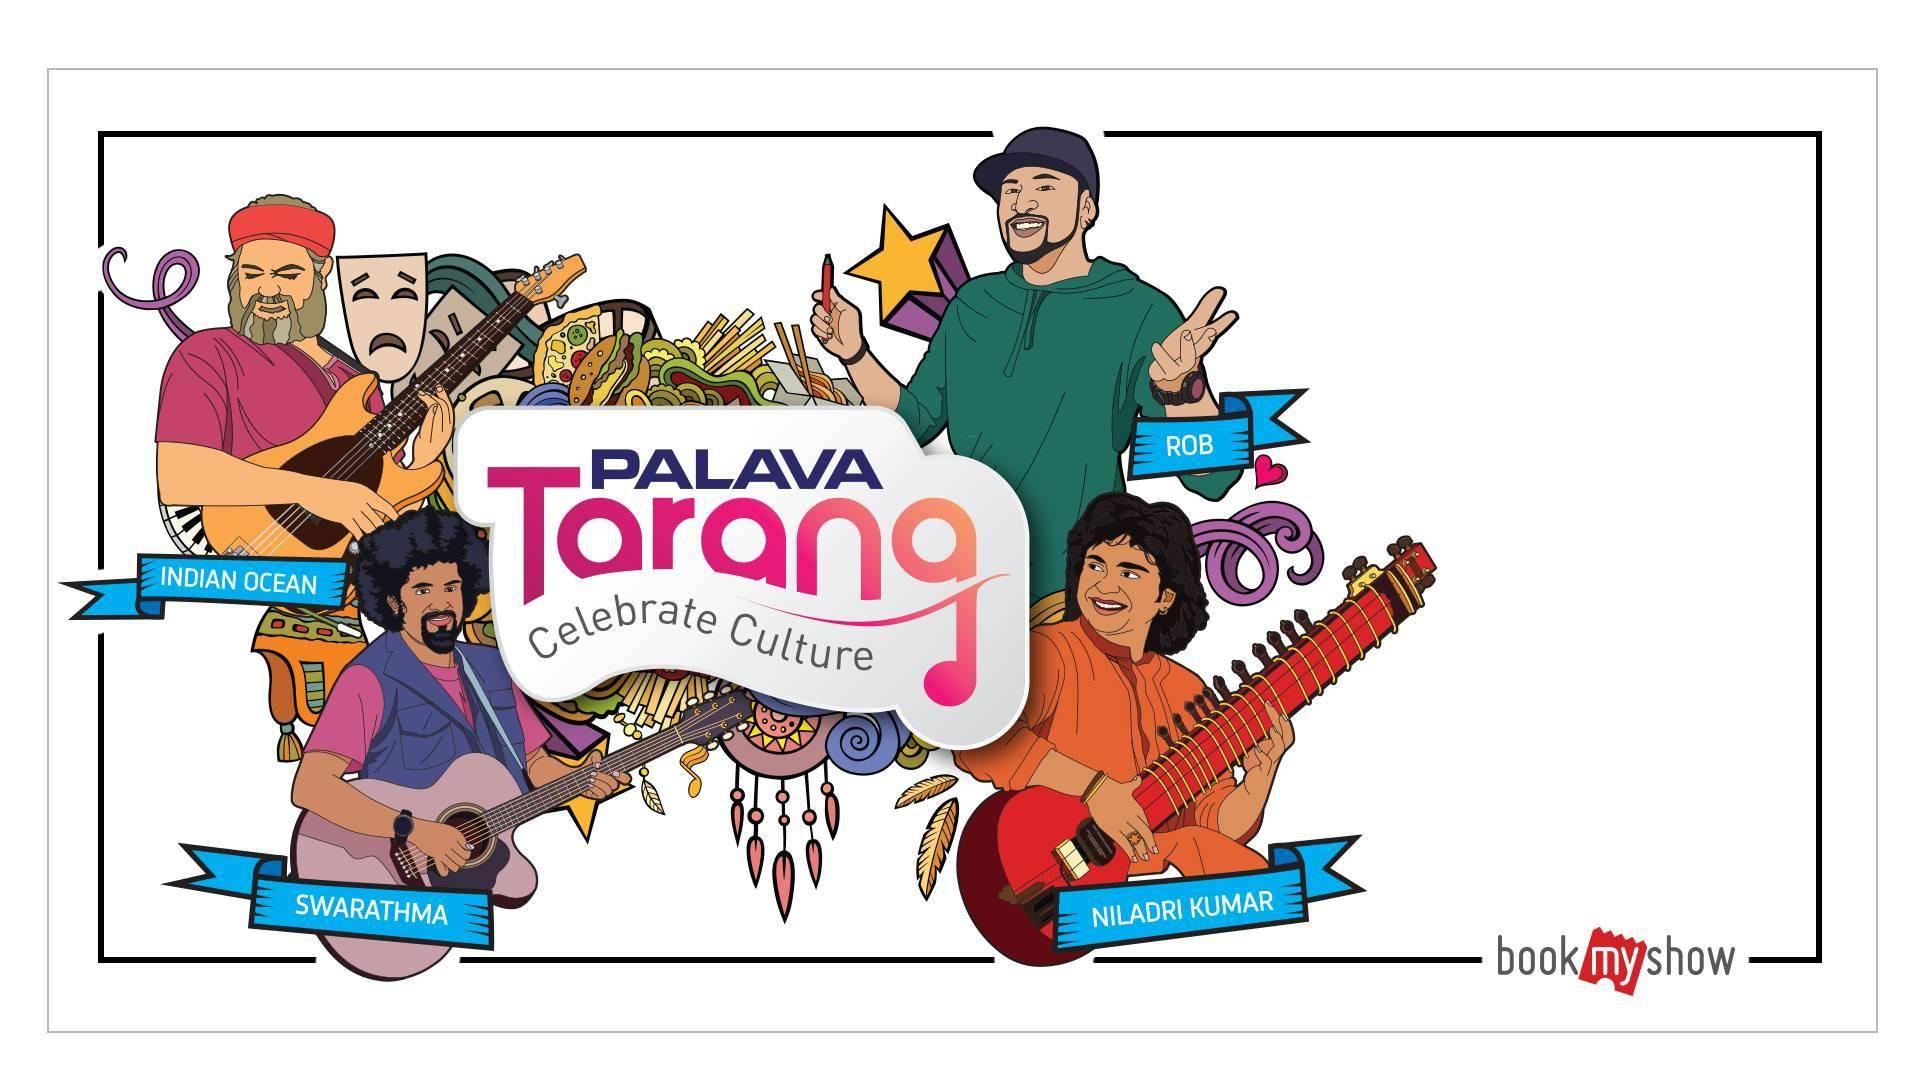 Palava Tarang 2016 at Mumbai.